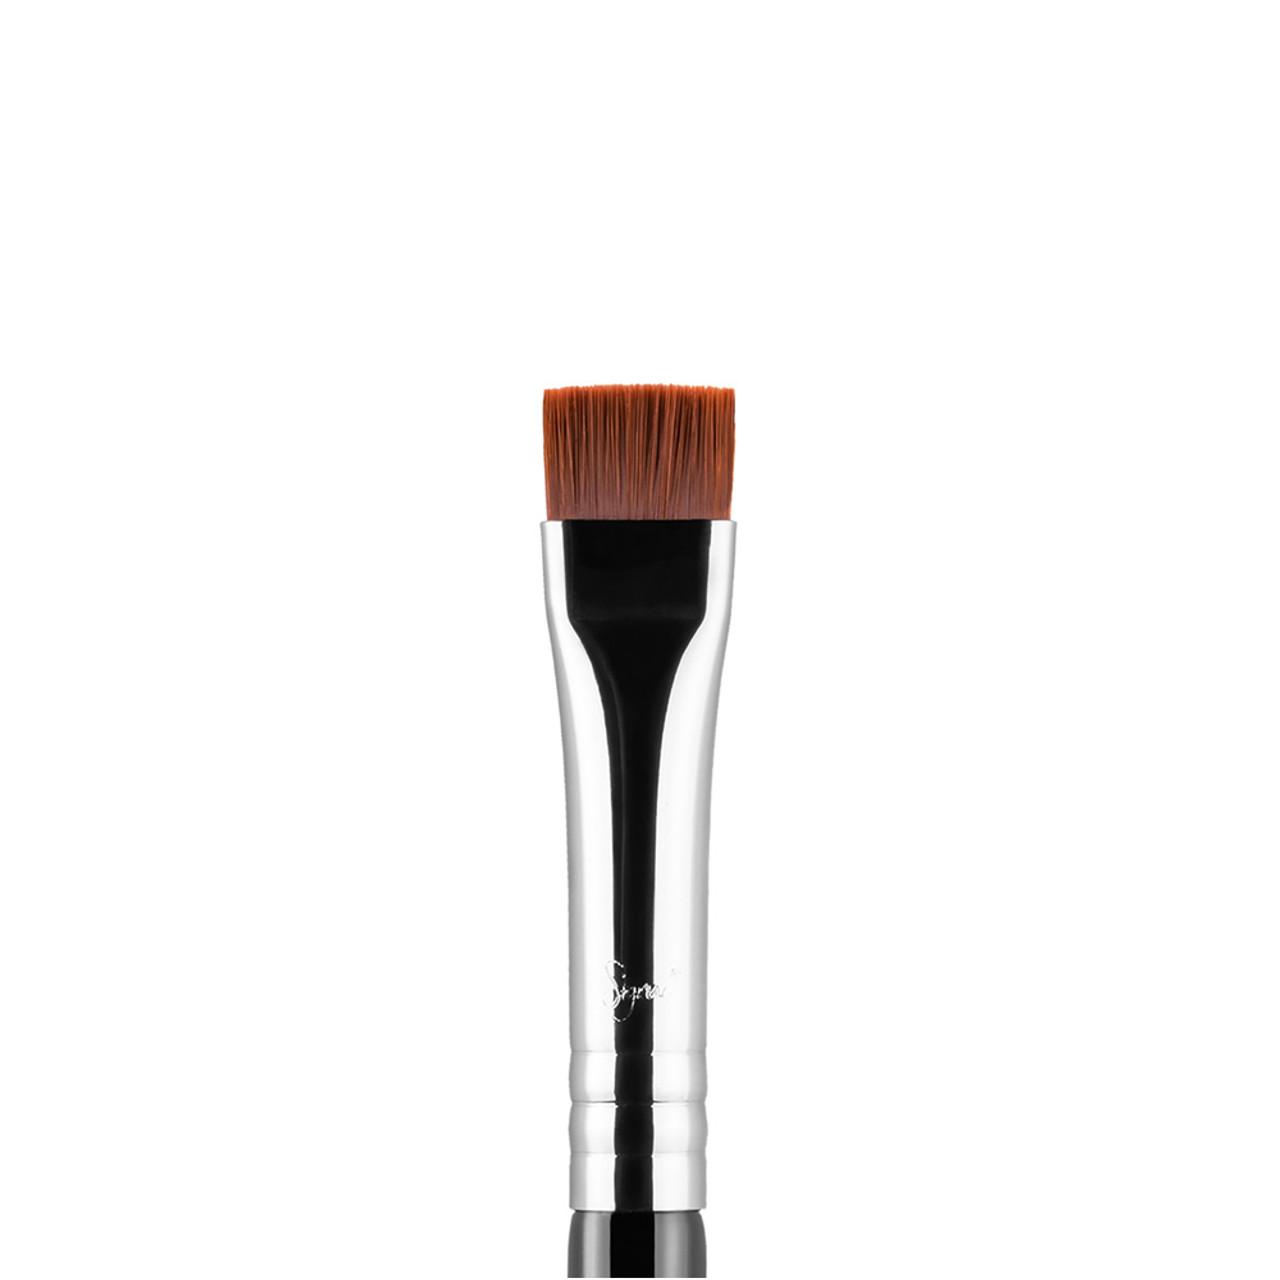 Sigma Beauty E15 - Flat Definer Brush BeautifiedYou.com